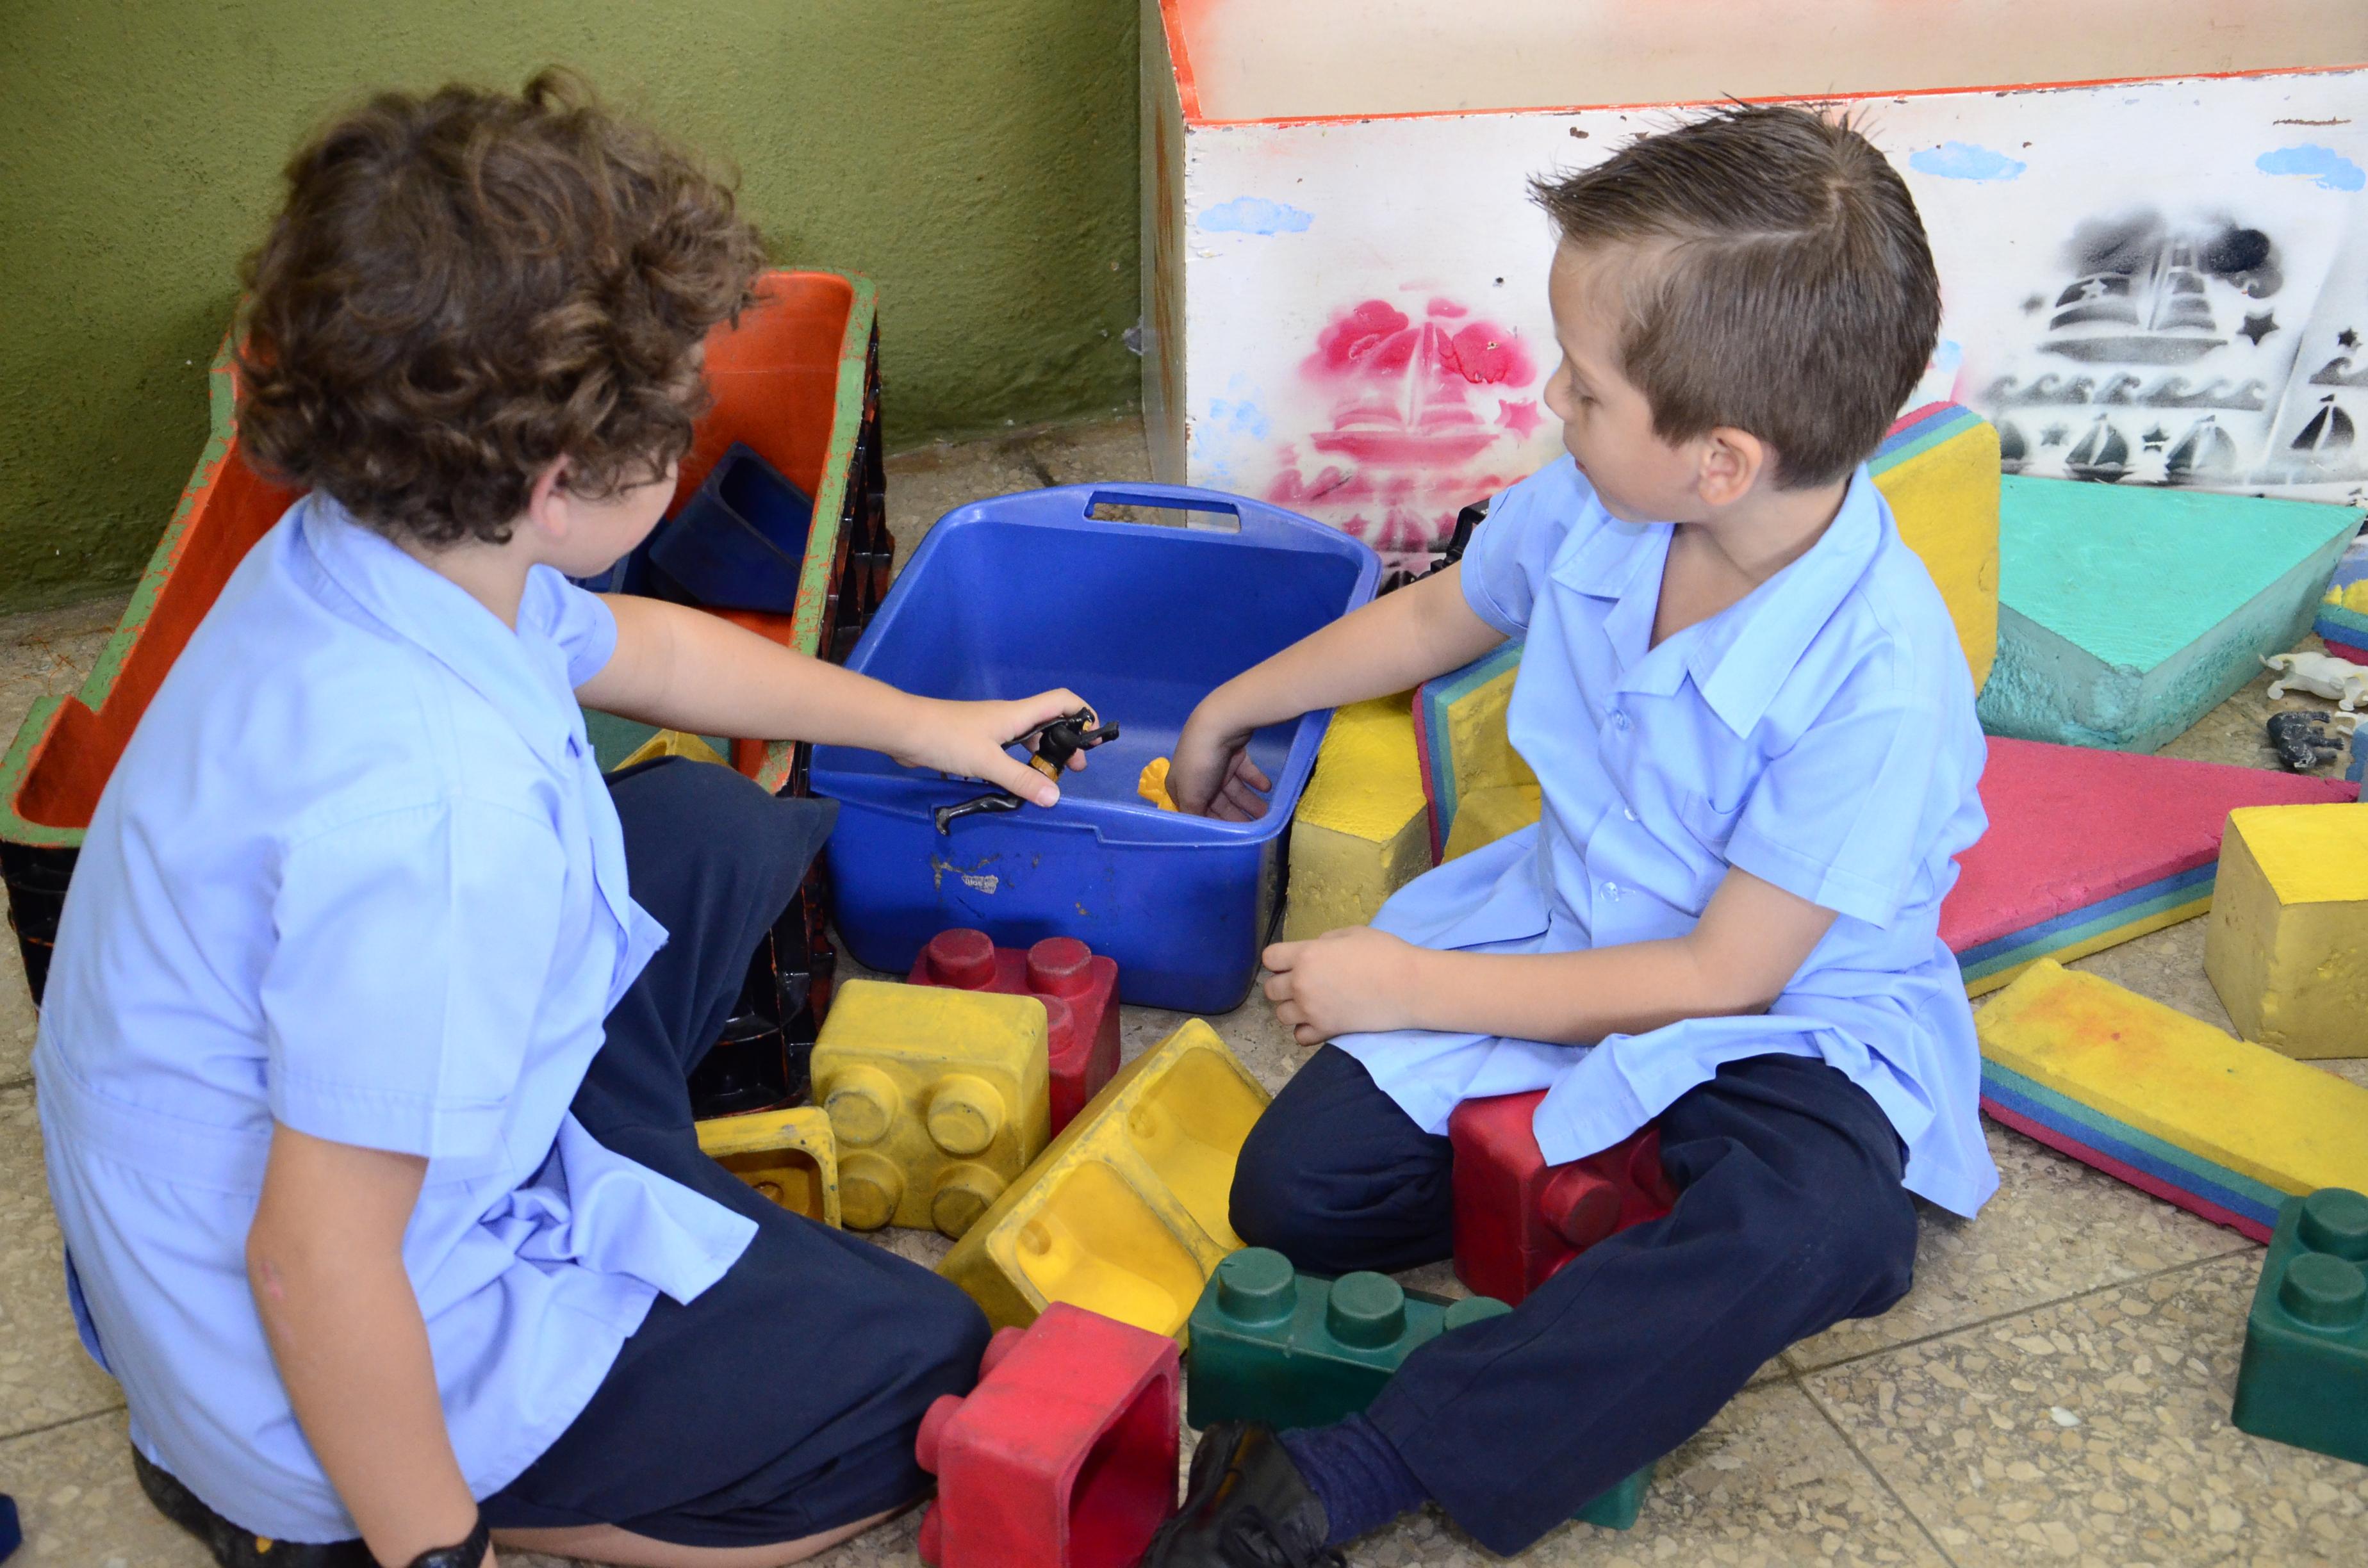 educaci n preescolar ser obligatoria a partir del 2018